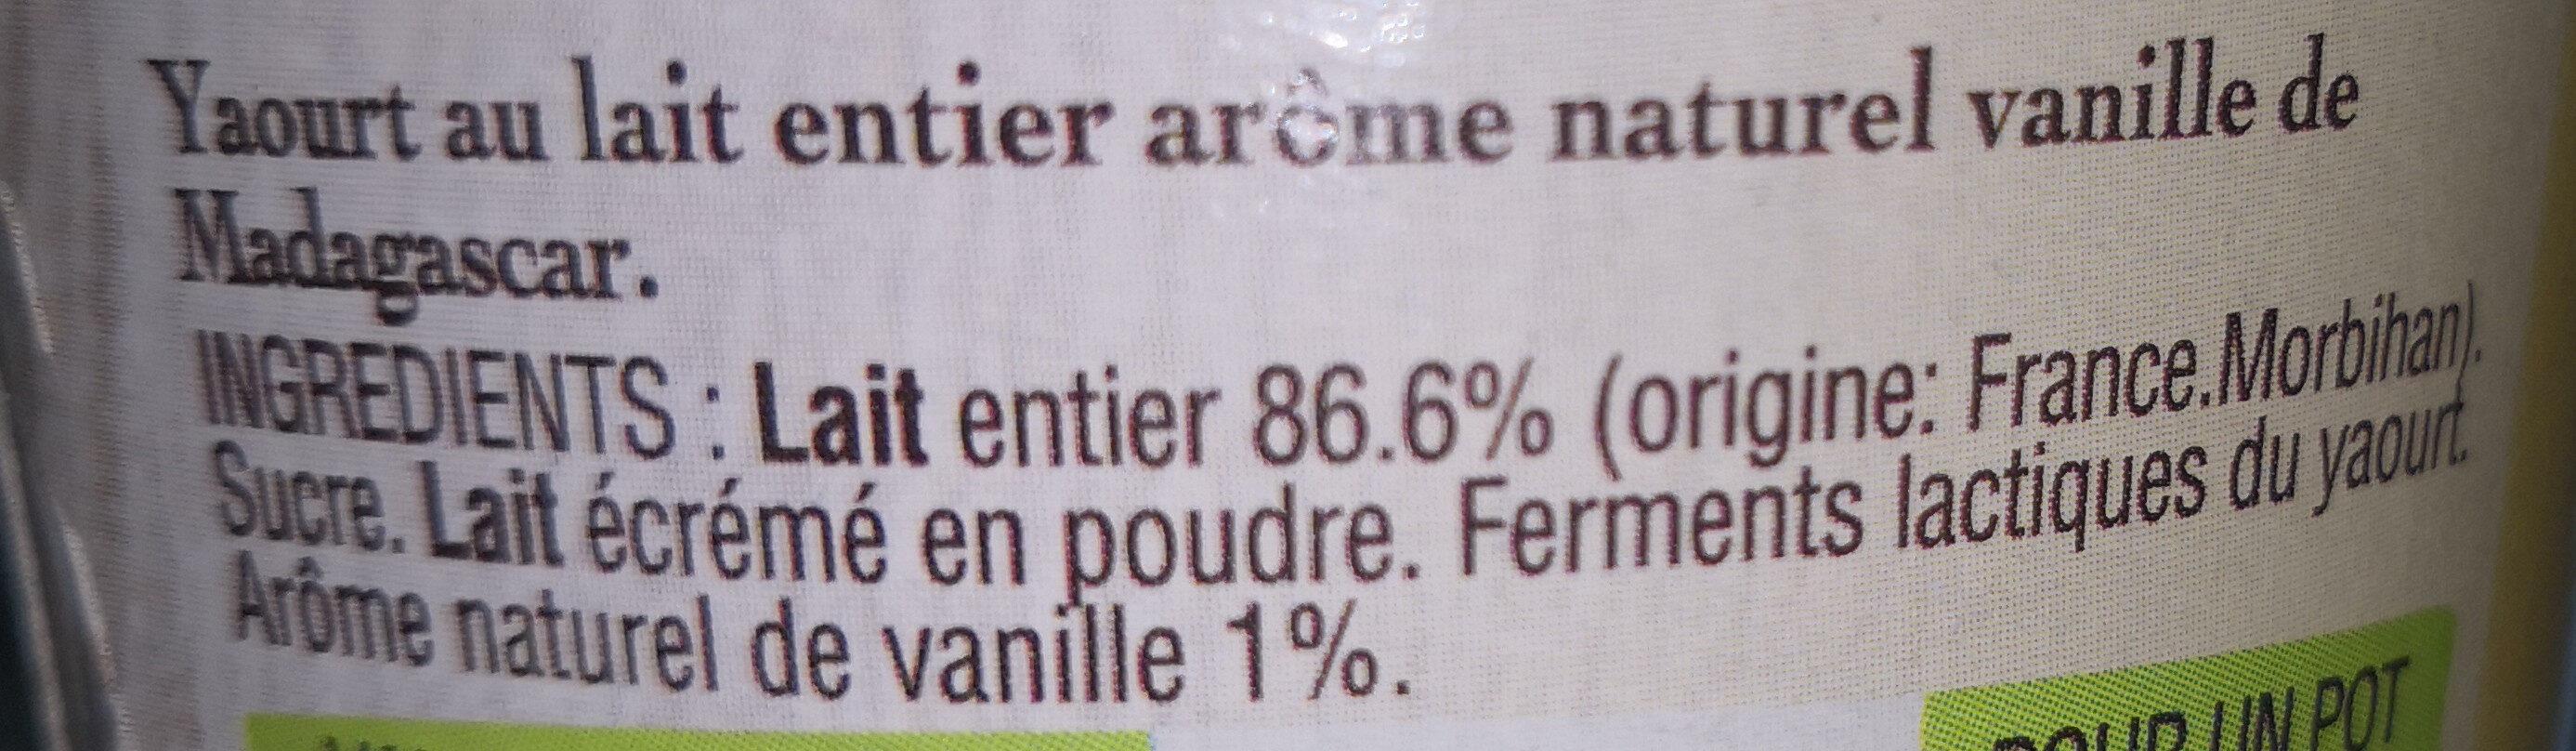 Yaourt au lait entier arôme Vanille de Madagascar et sa galette bretonne - Ingrediënten